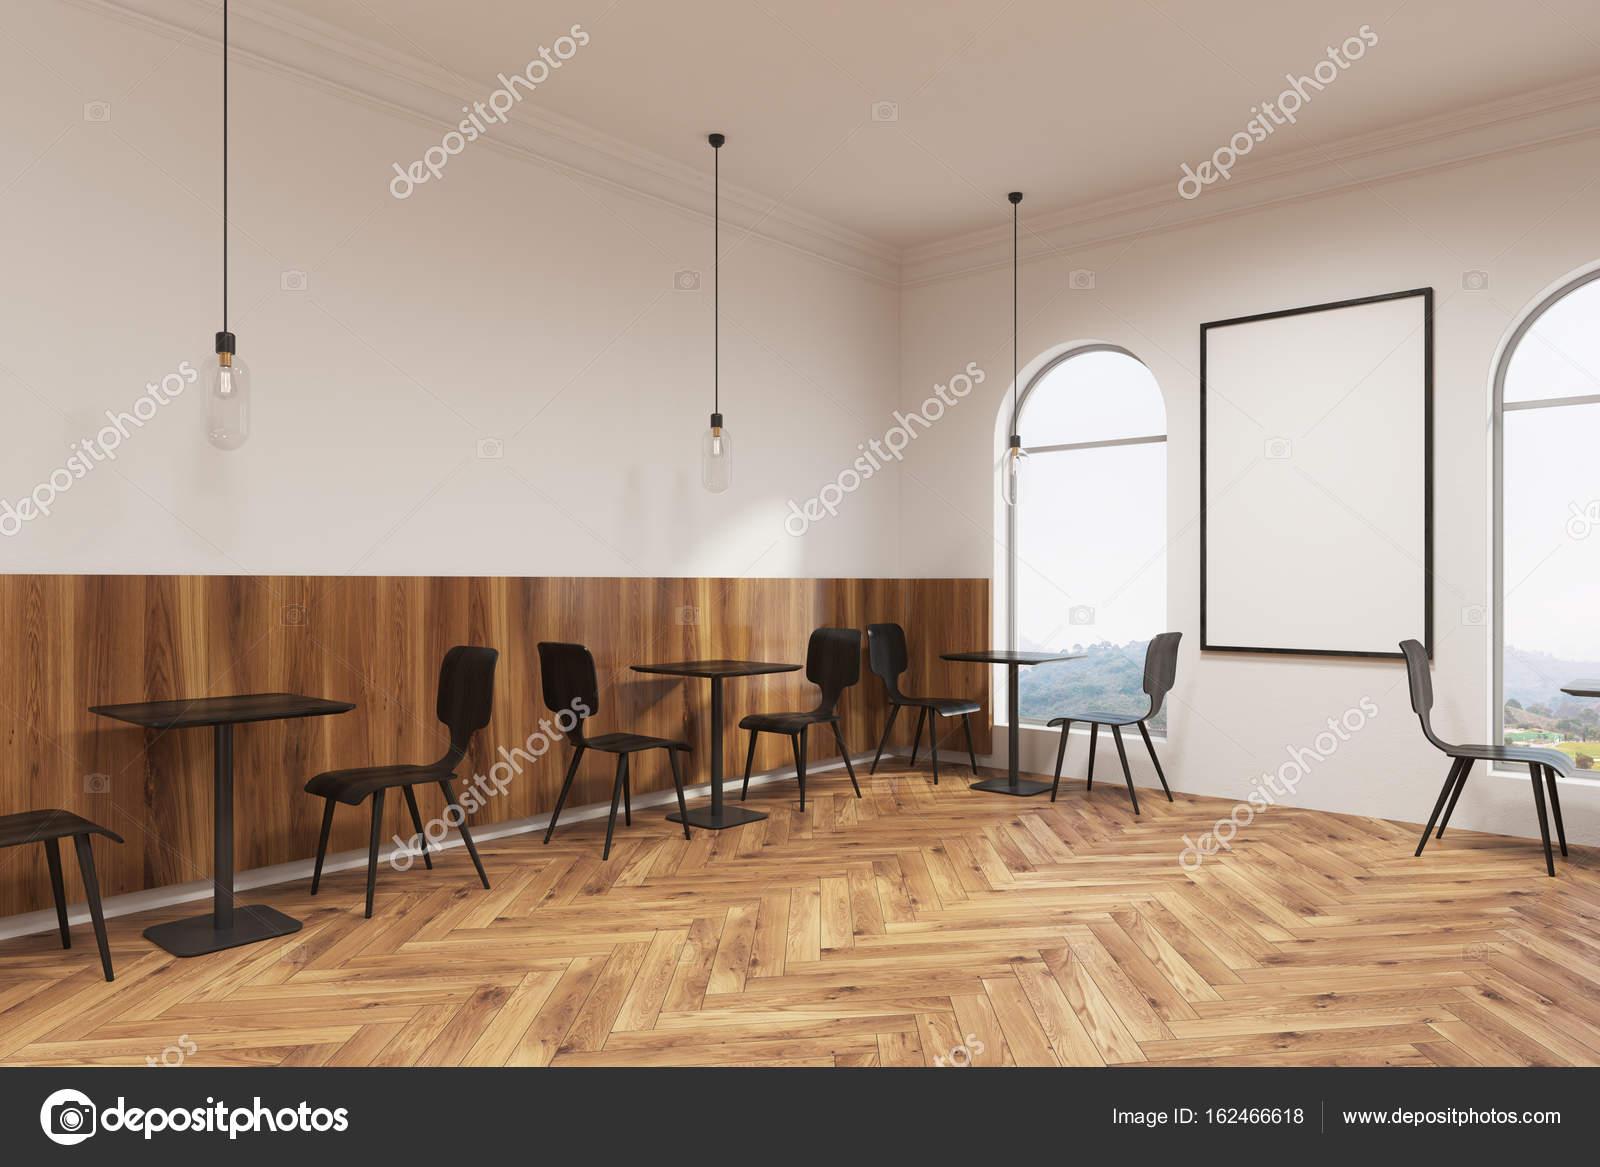 Wunderbar Schwarze Möbel Sammlung Von Moderne Möbel Café, Plakat Innenseite — Stockfoto